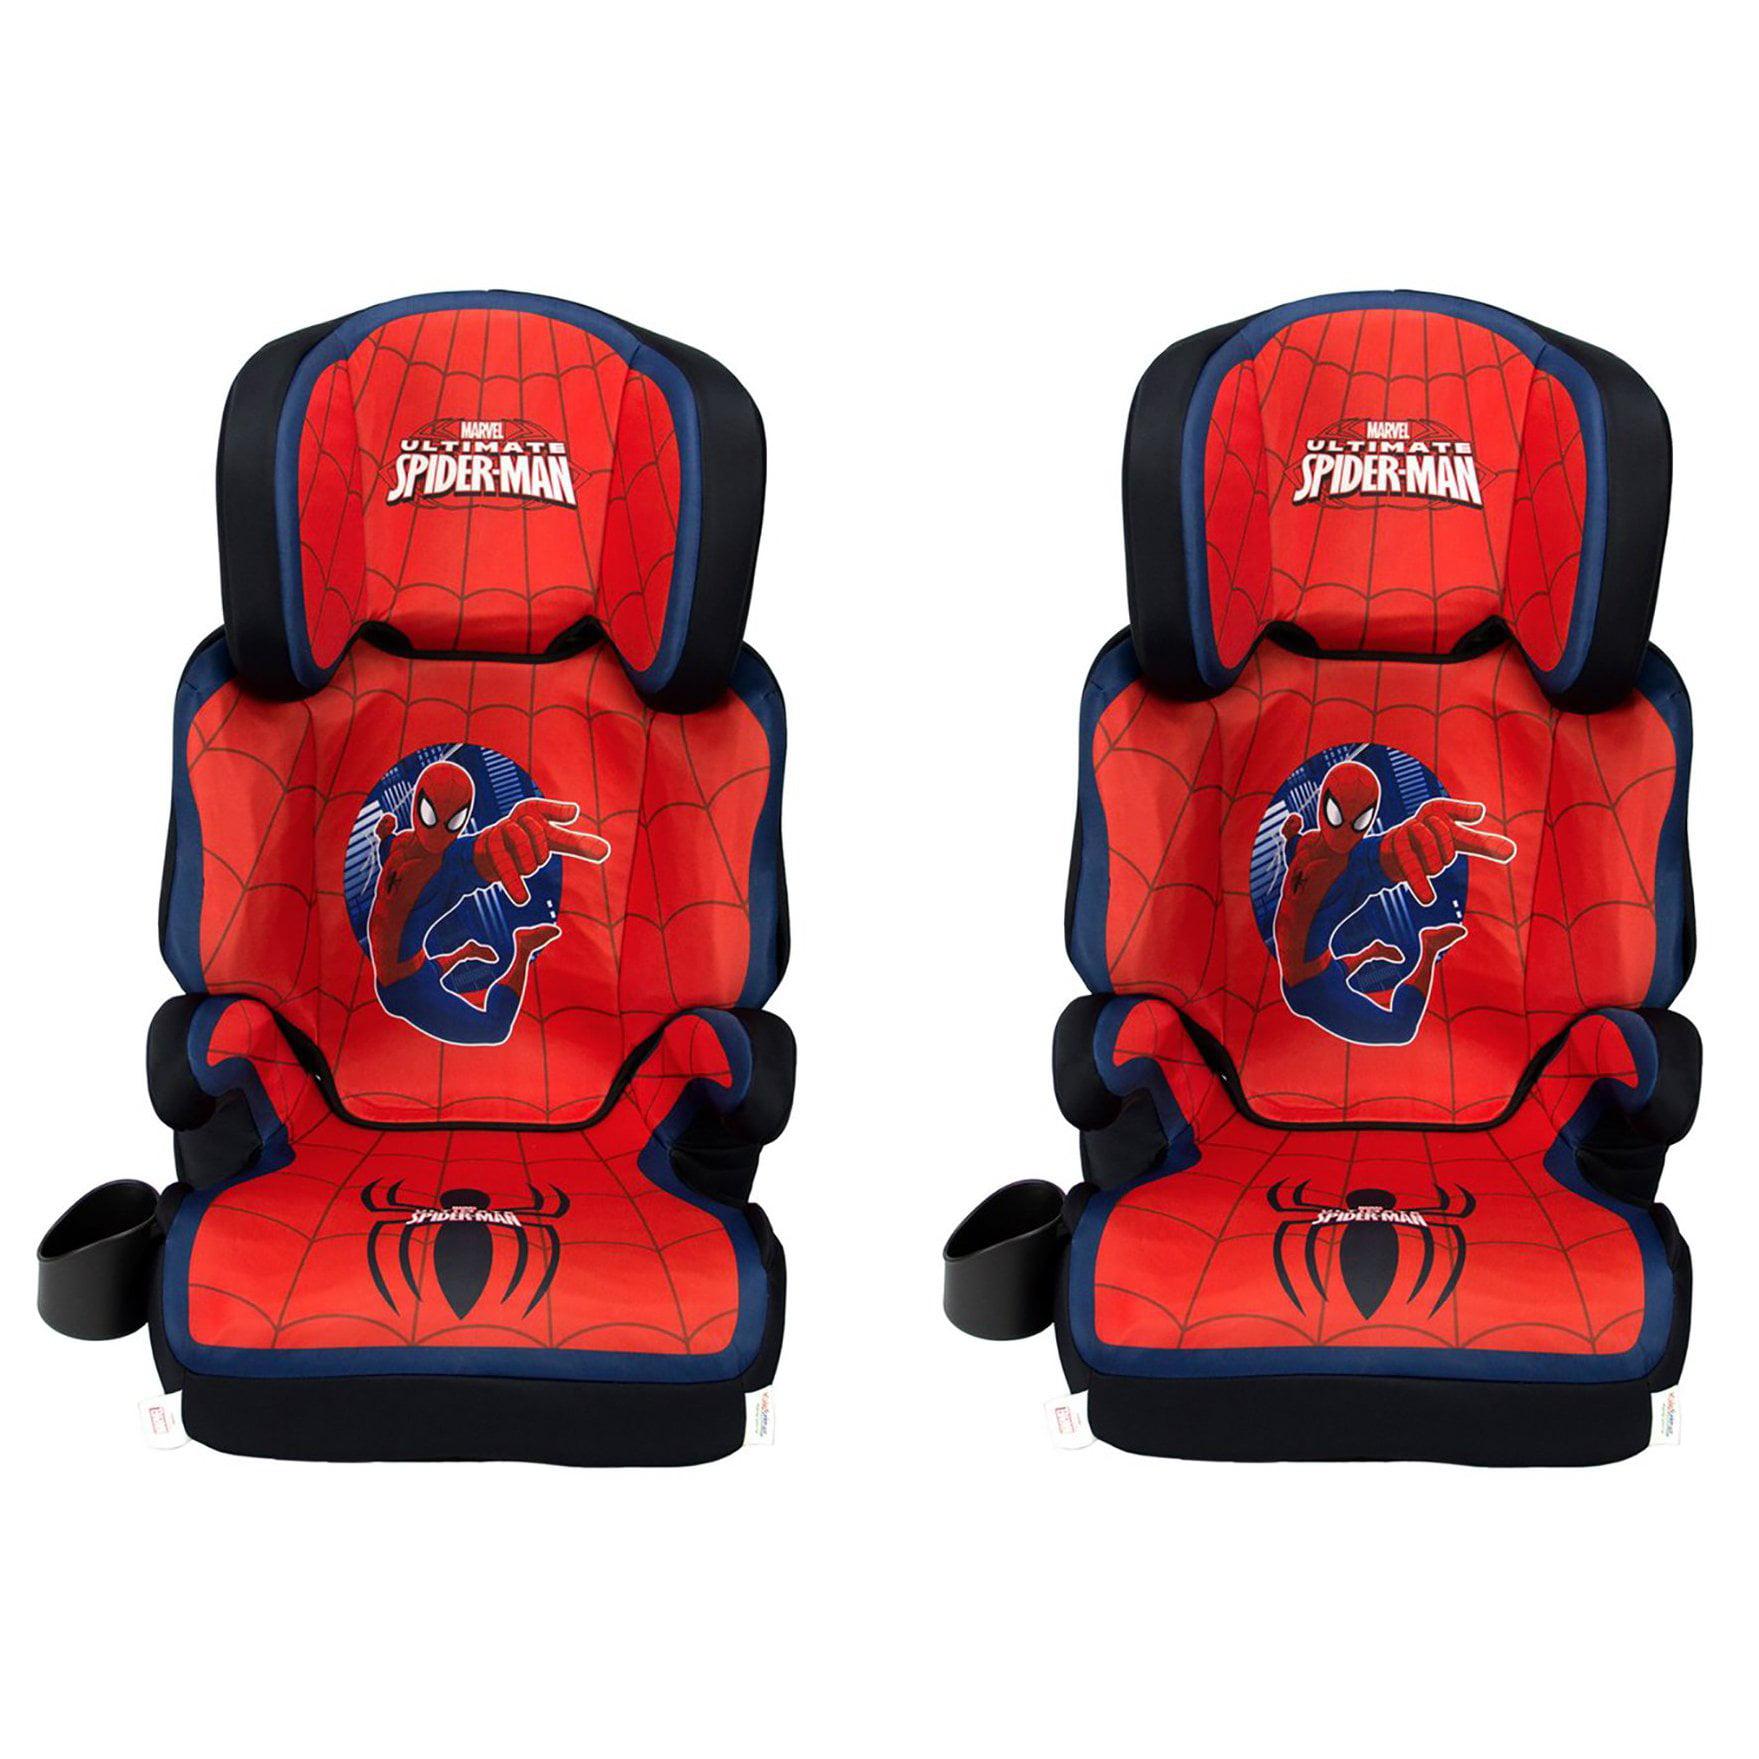 KidsEmbrace Marvel Spider Man High Positioning Back Booster Car Seat (2 Pack)